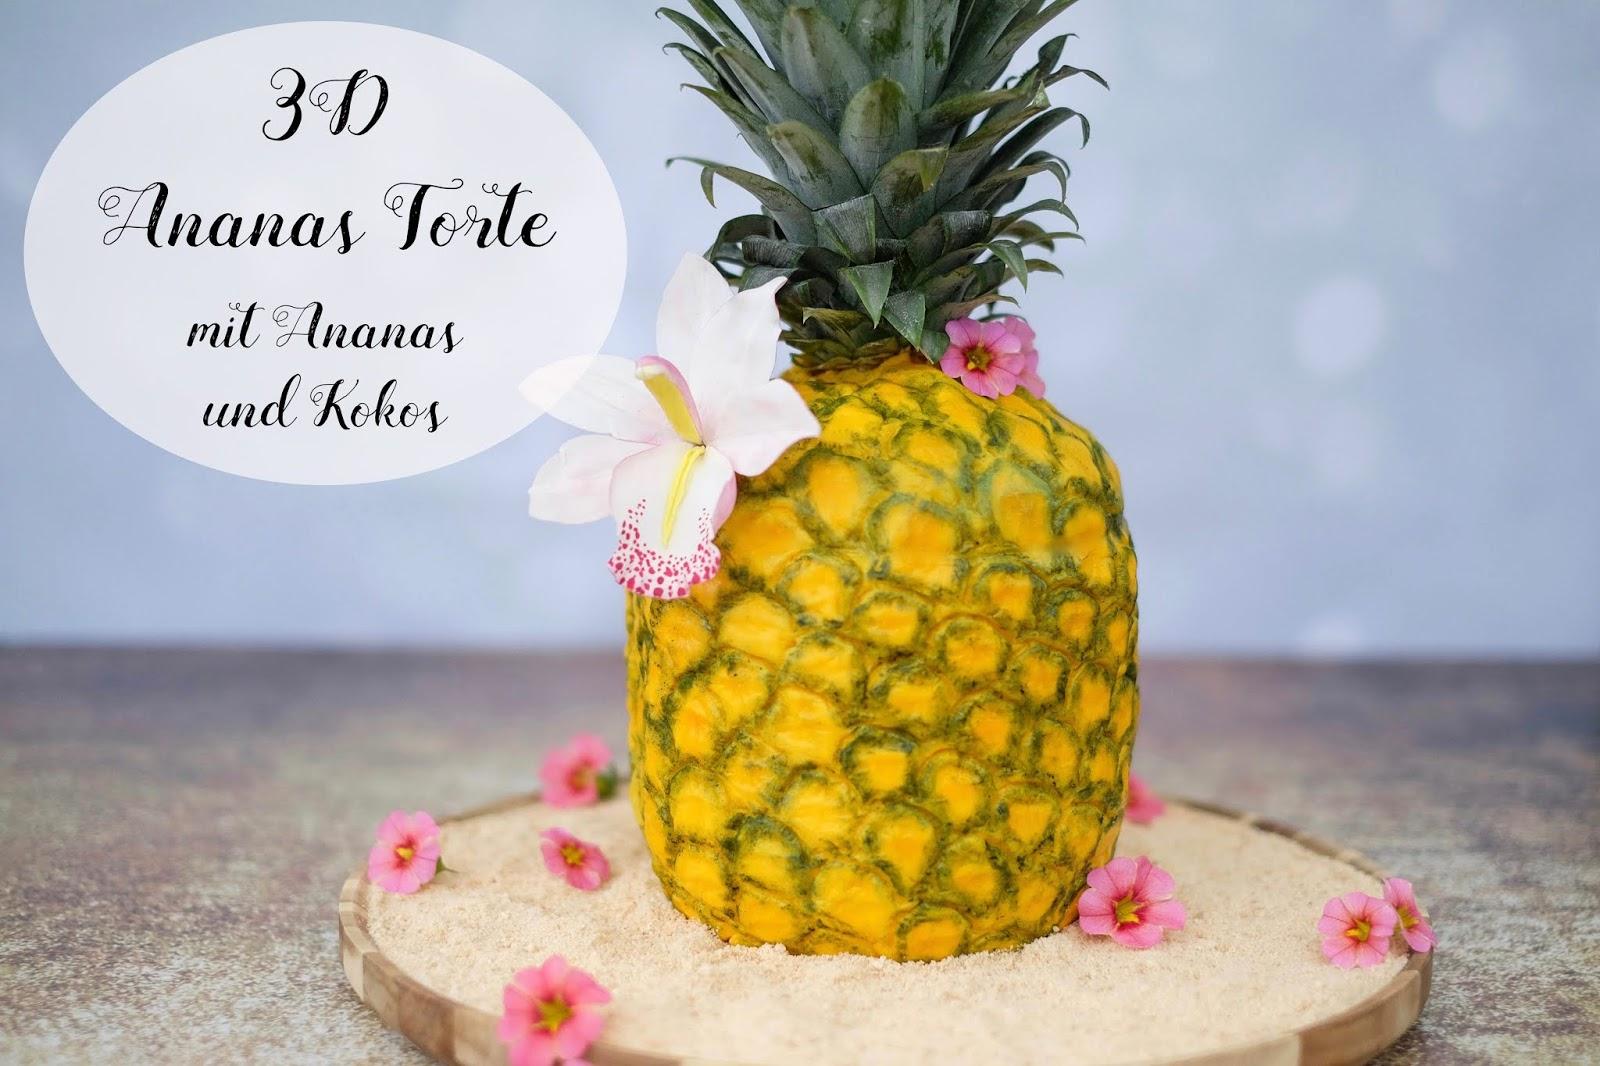 3d ananas torte mit ananas und kokos marion 39 s kaffeeklatsch. Black Bedroom Furniture Sets. Home Design Ideas